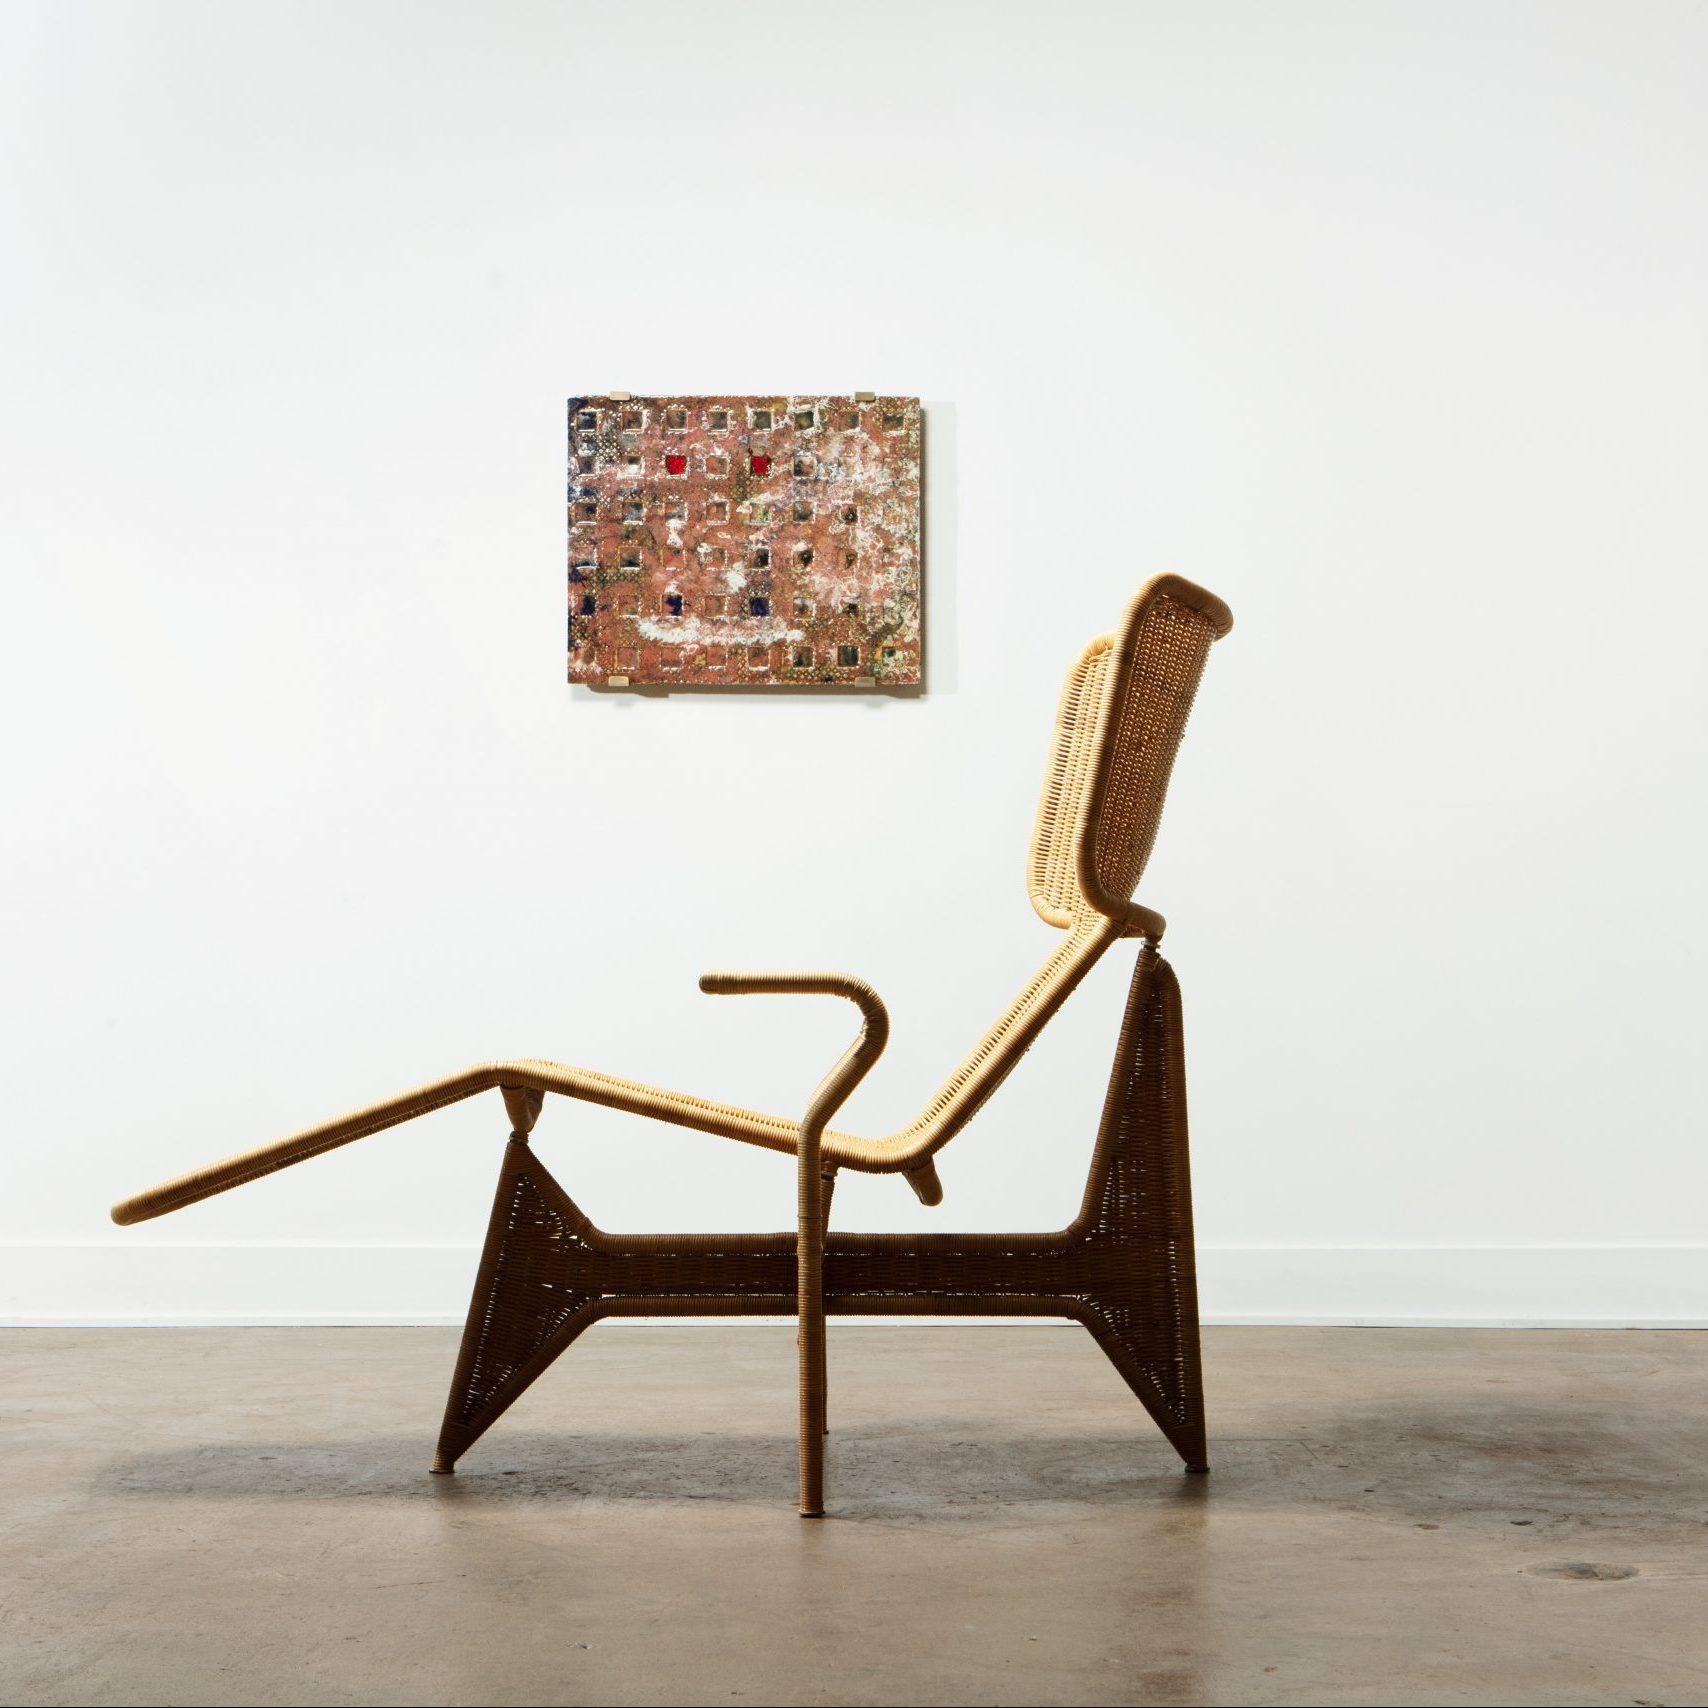 Salvatore Fiume  |                              Rare and unique chaise Lounge by Salvatore Fiume